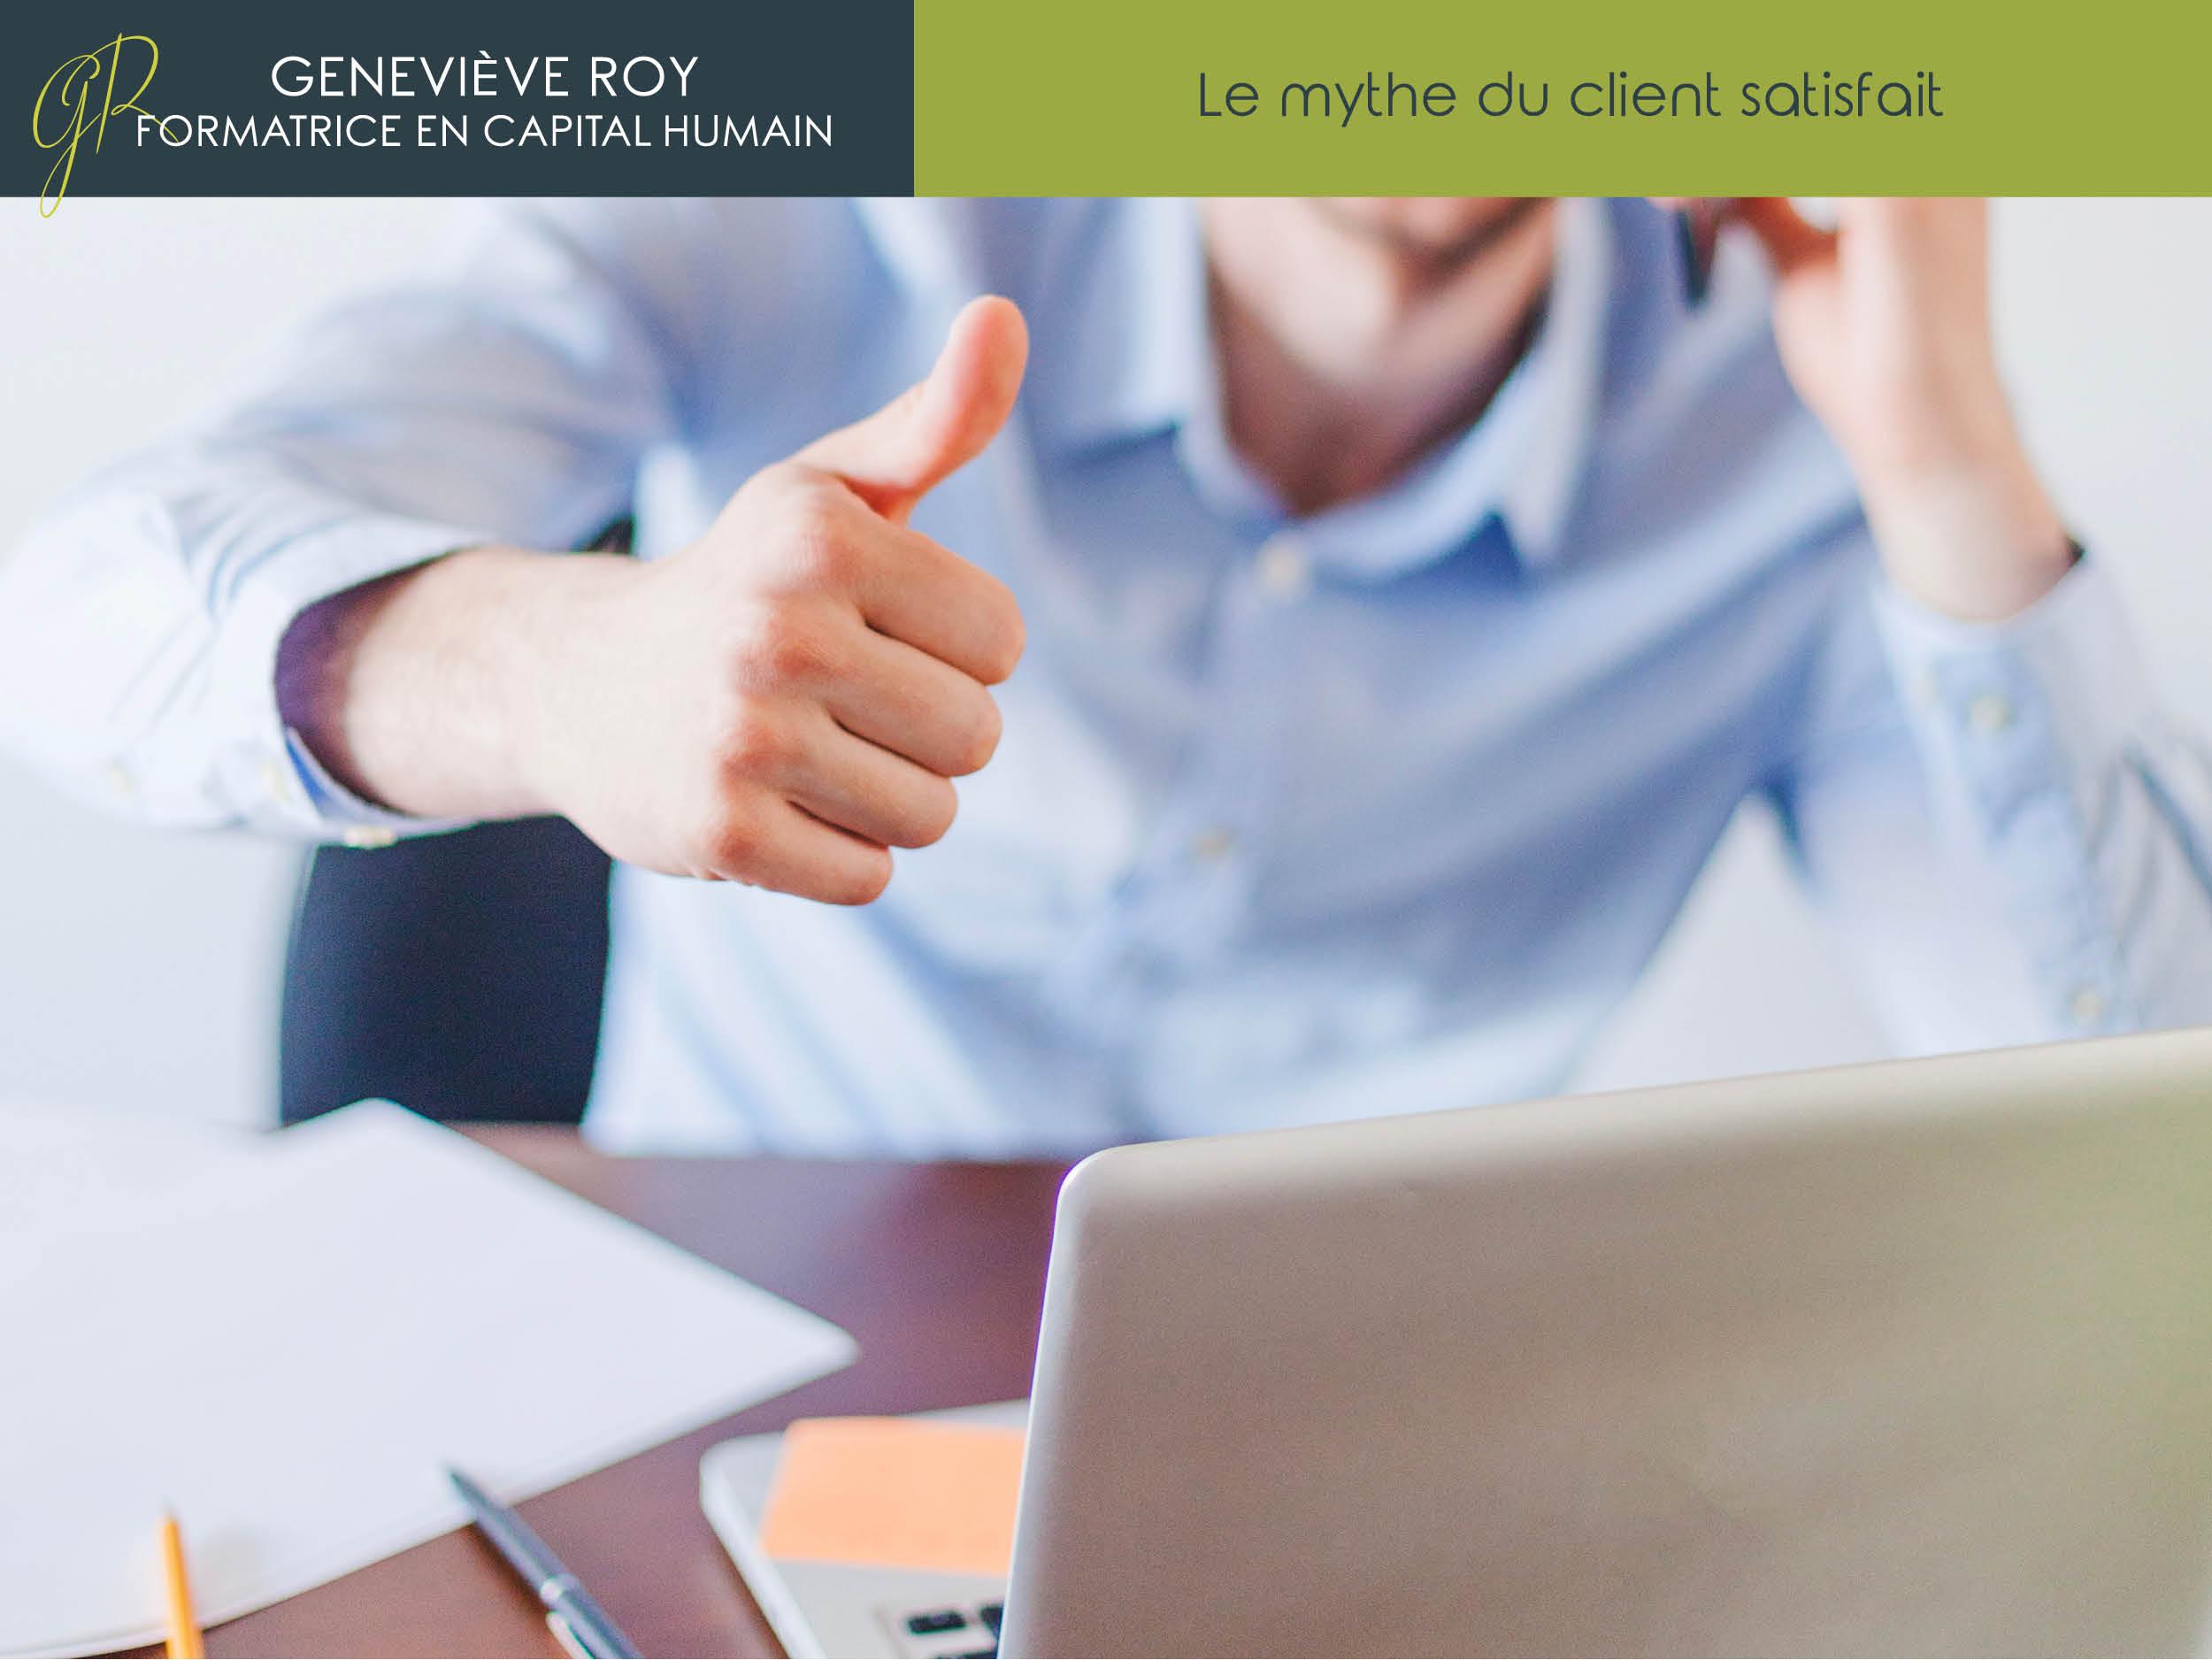 Les mythes du service à la clientèle et du leadership